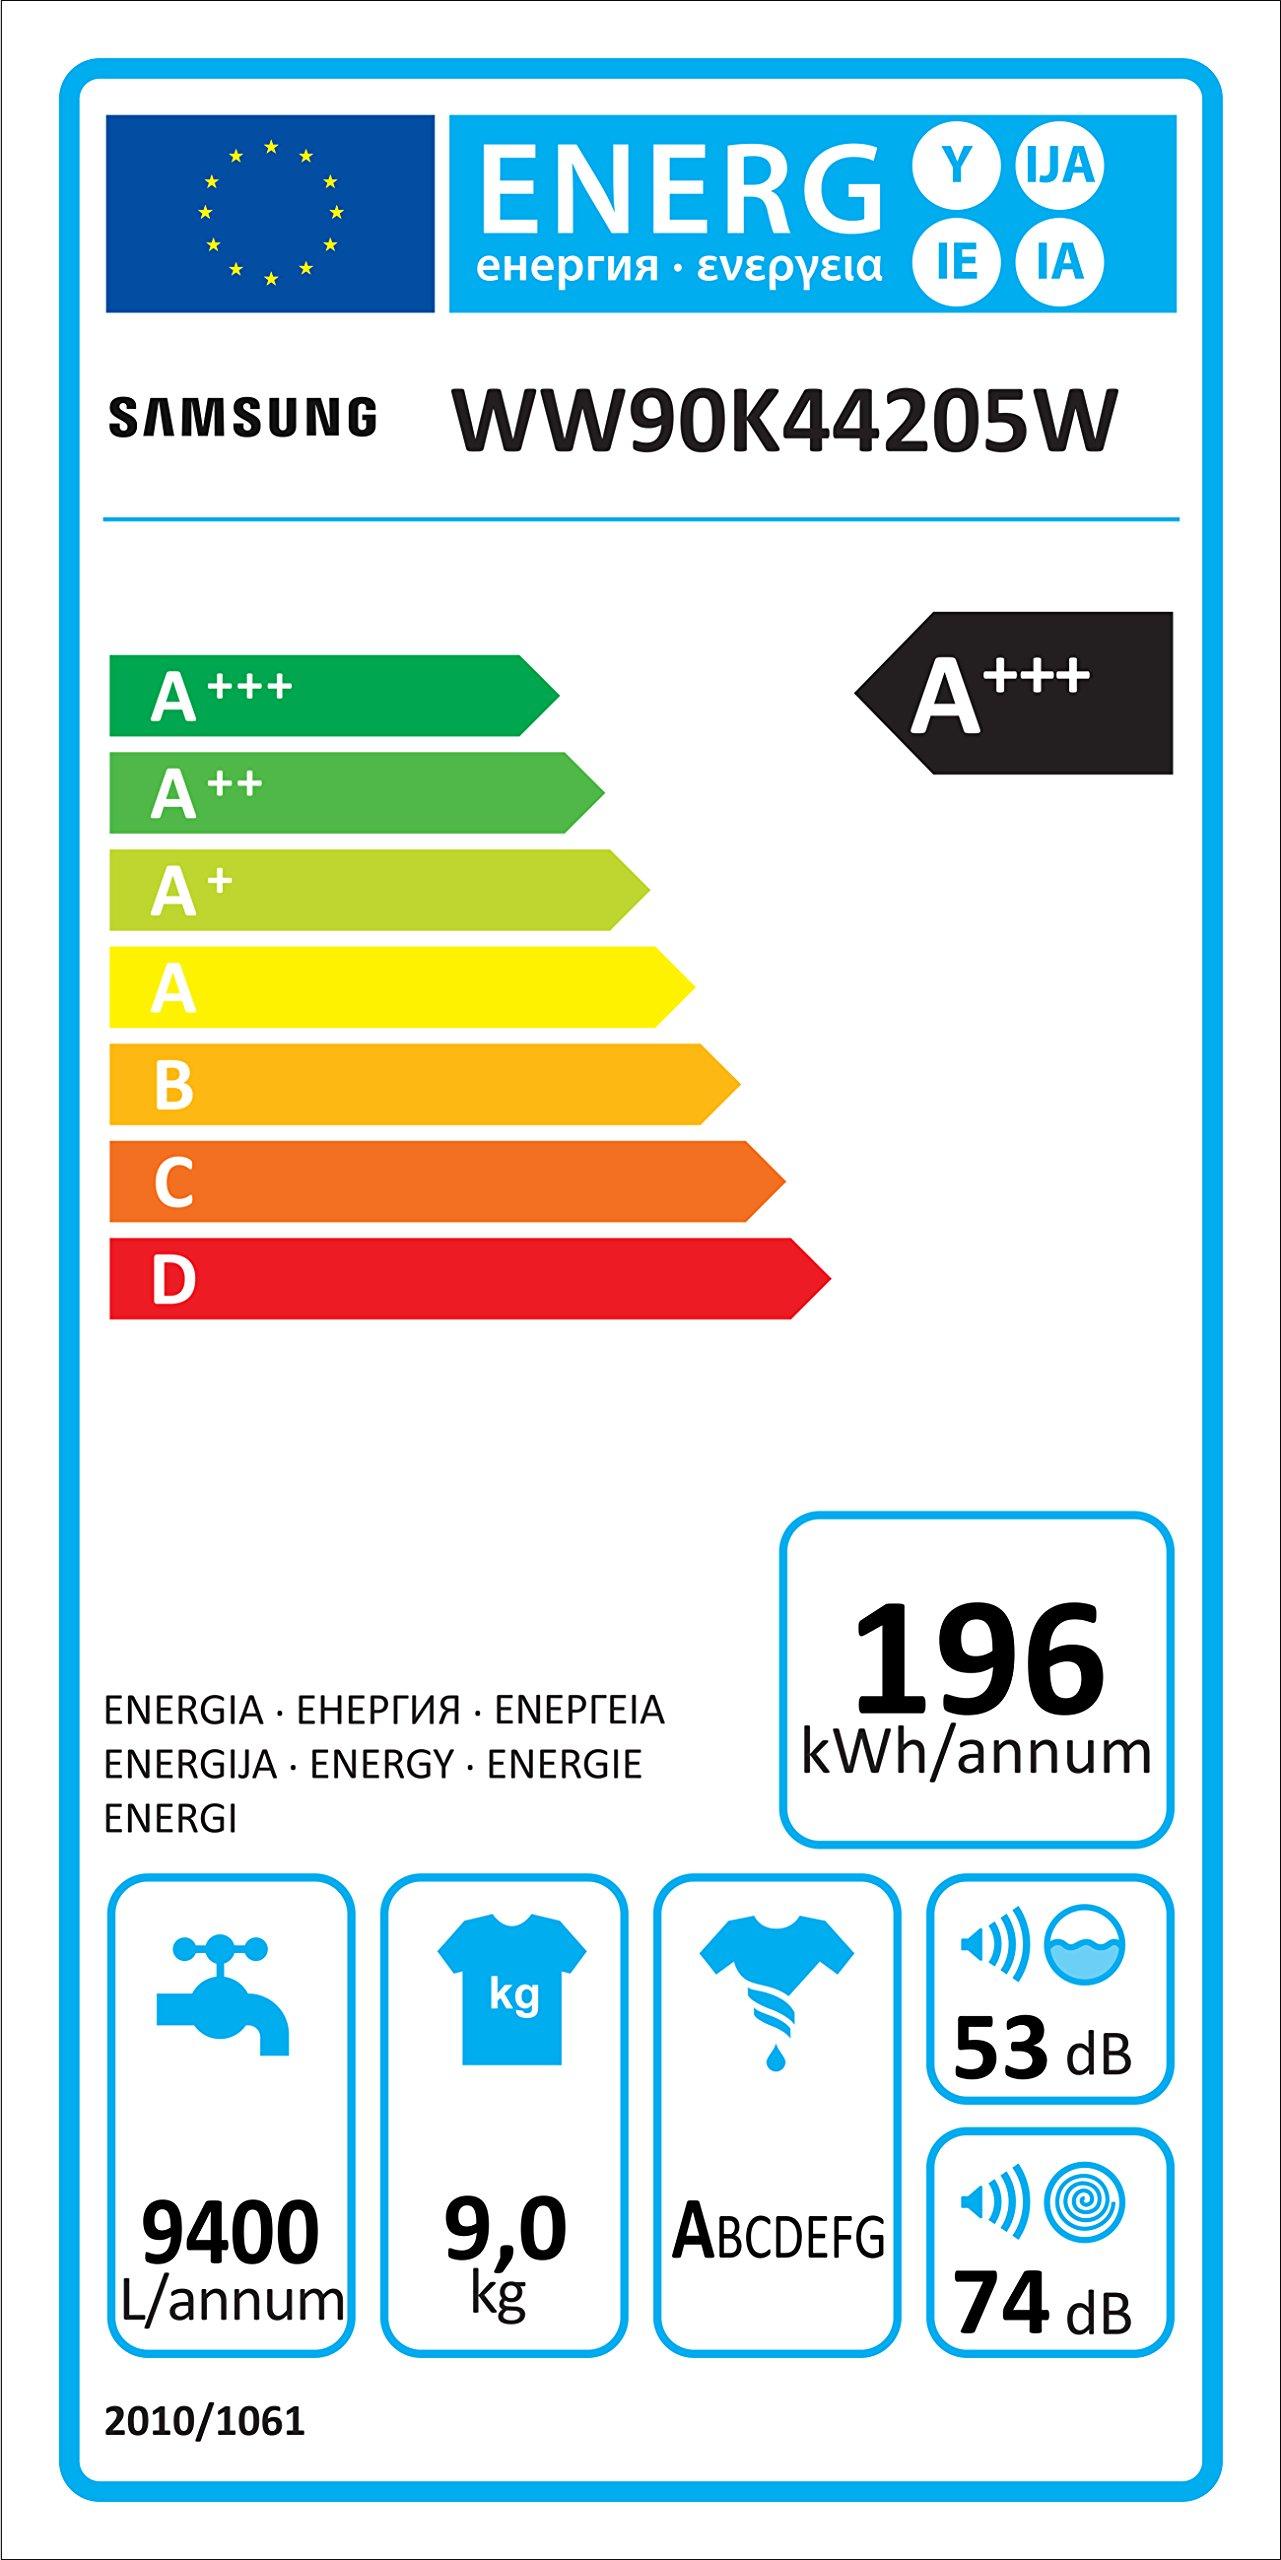 Samsung-WW4500-WW90K44205WEG-AddWash-Waschmaschine-FrontladerA1400-UpMkgECO-TrommelreinigungDiamond-PflegetrommelWei